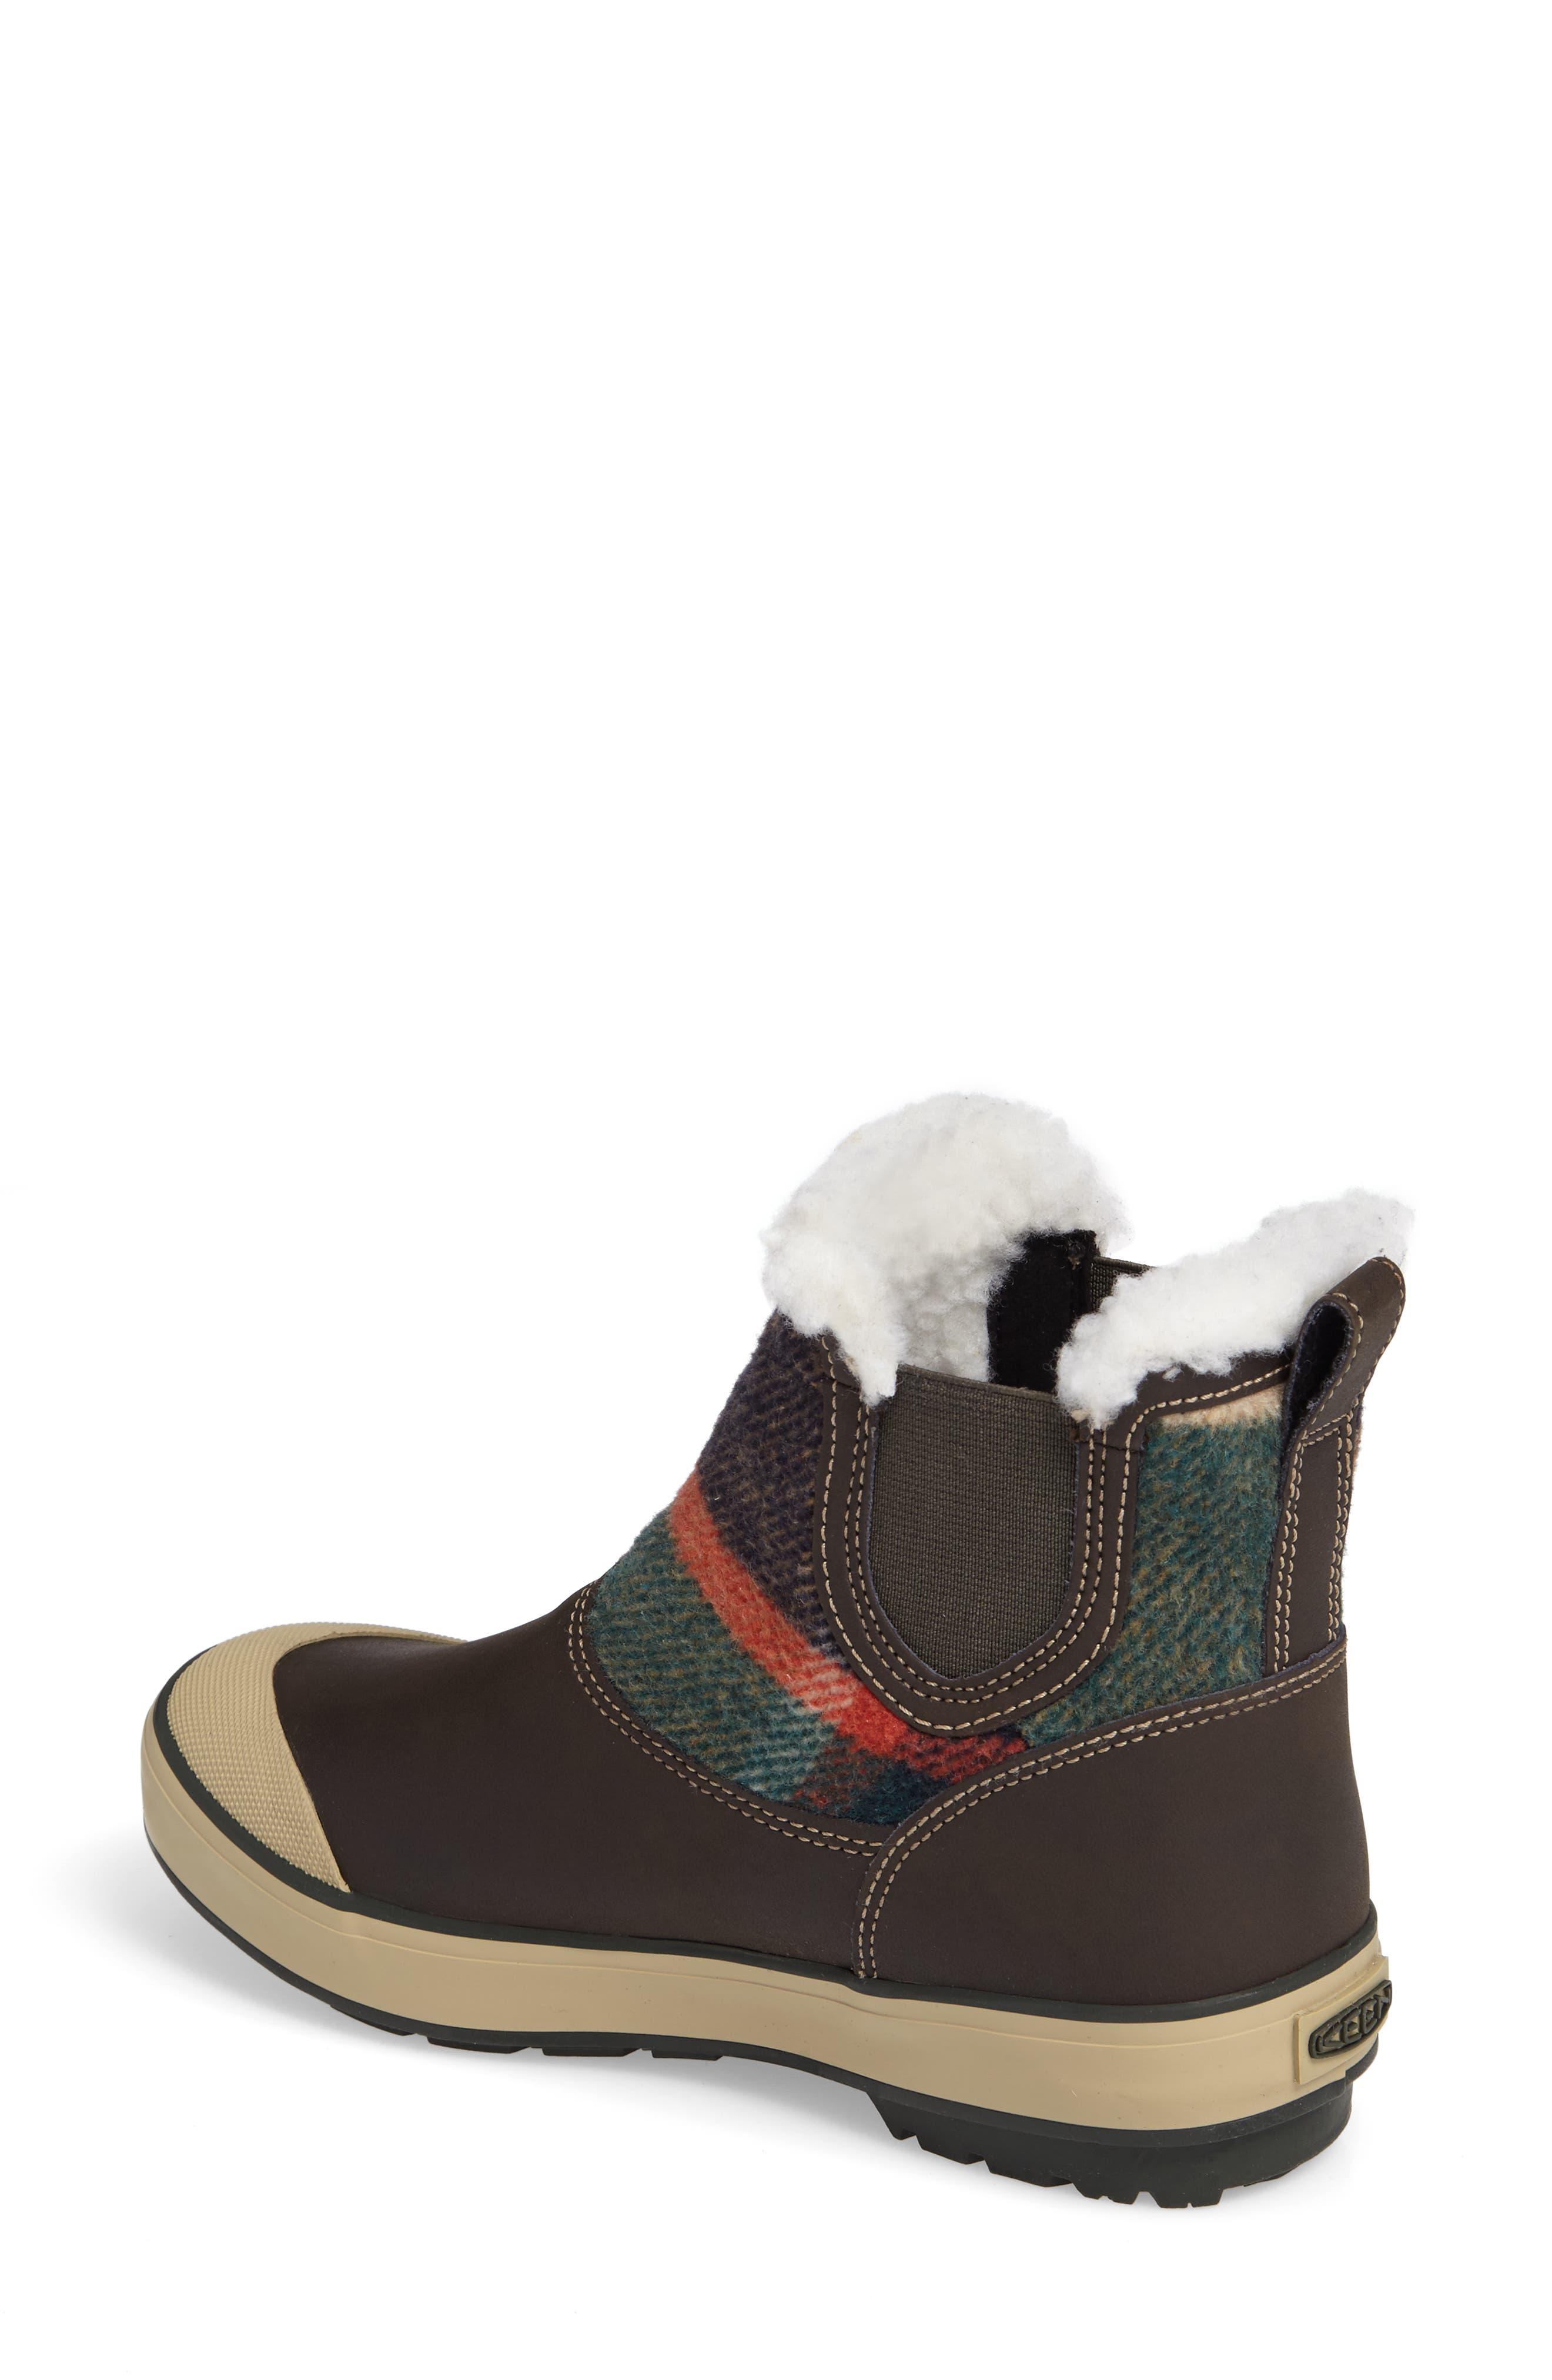 Alternate Image 2  - Keen Elsa Chelsea Waterproof Faux Fur Lined Boot (Women)